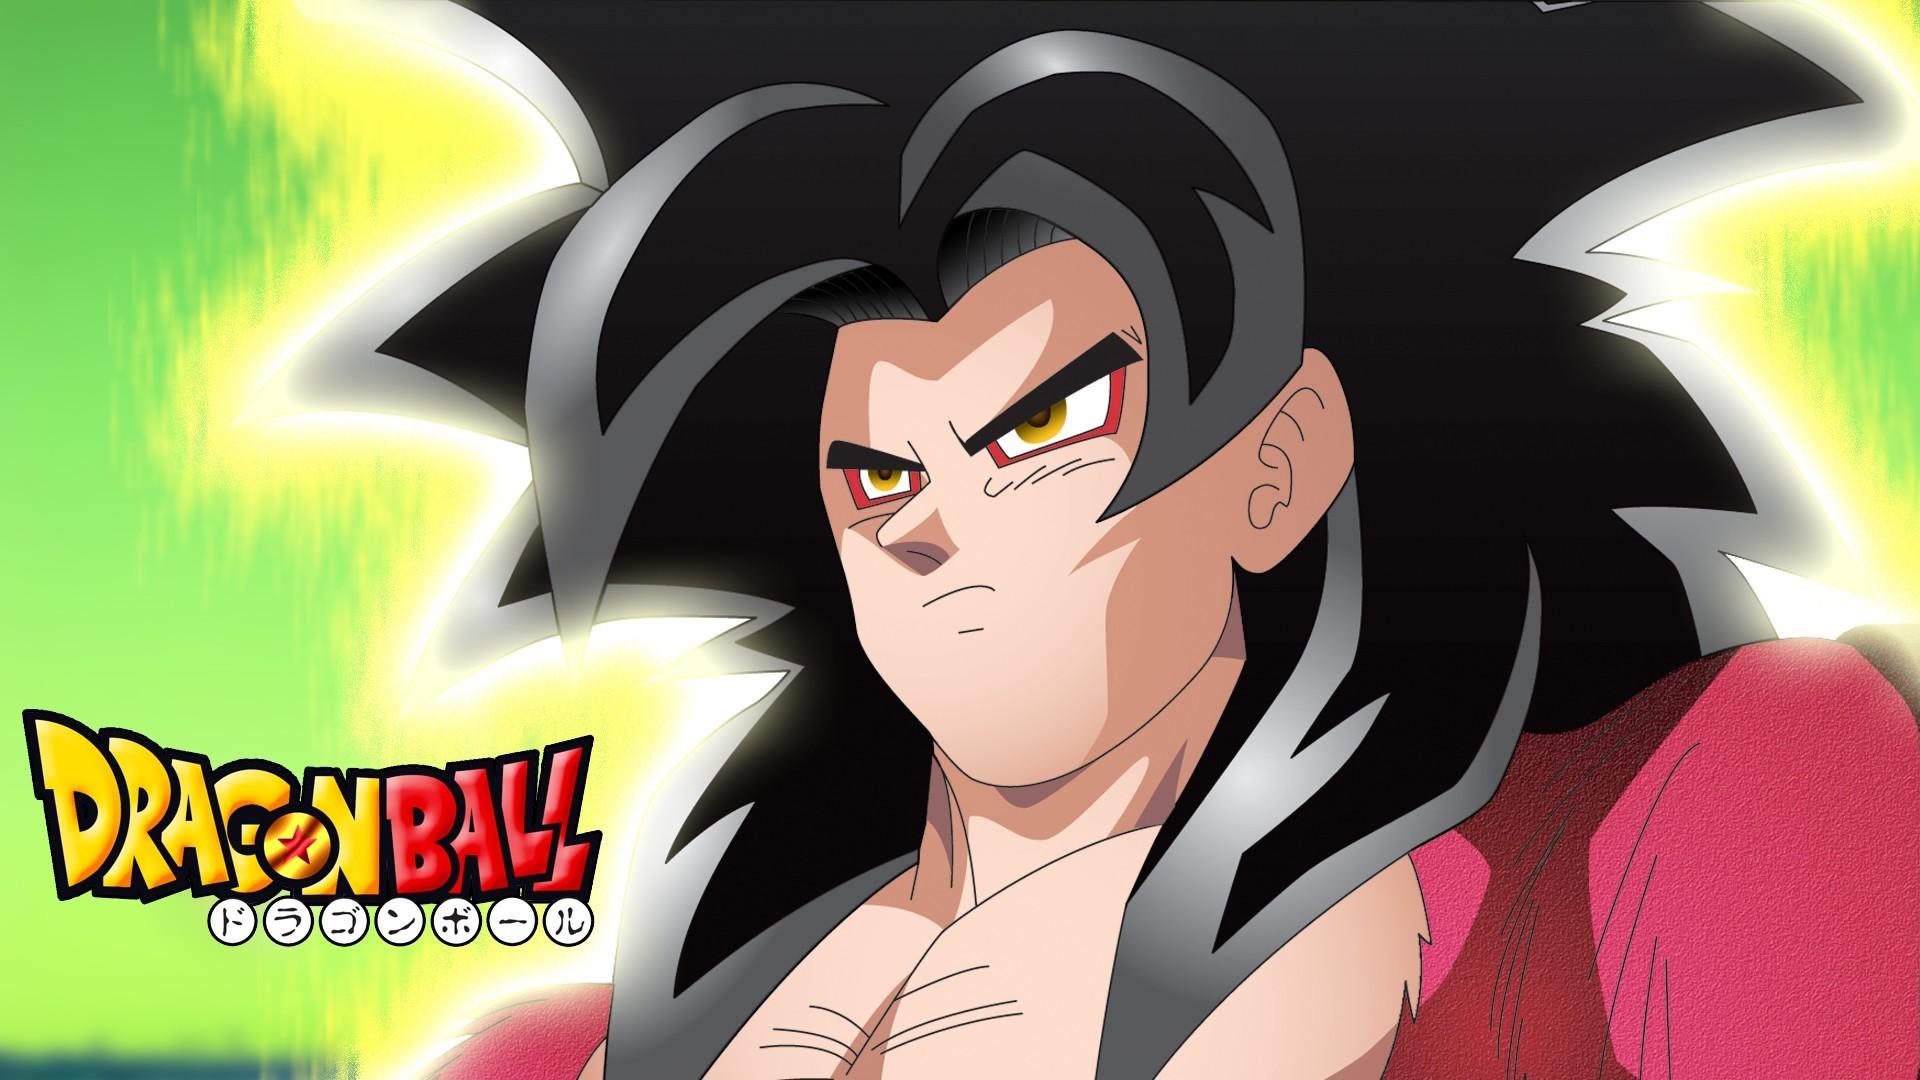 … SSJ4 Goku and SSJ4 Vegeta 1920 x 1200 …